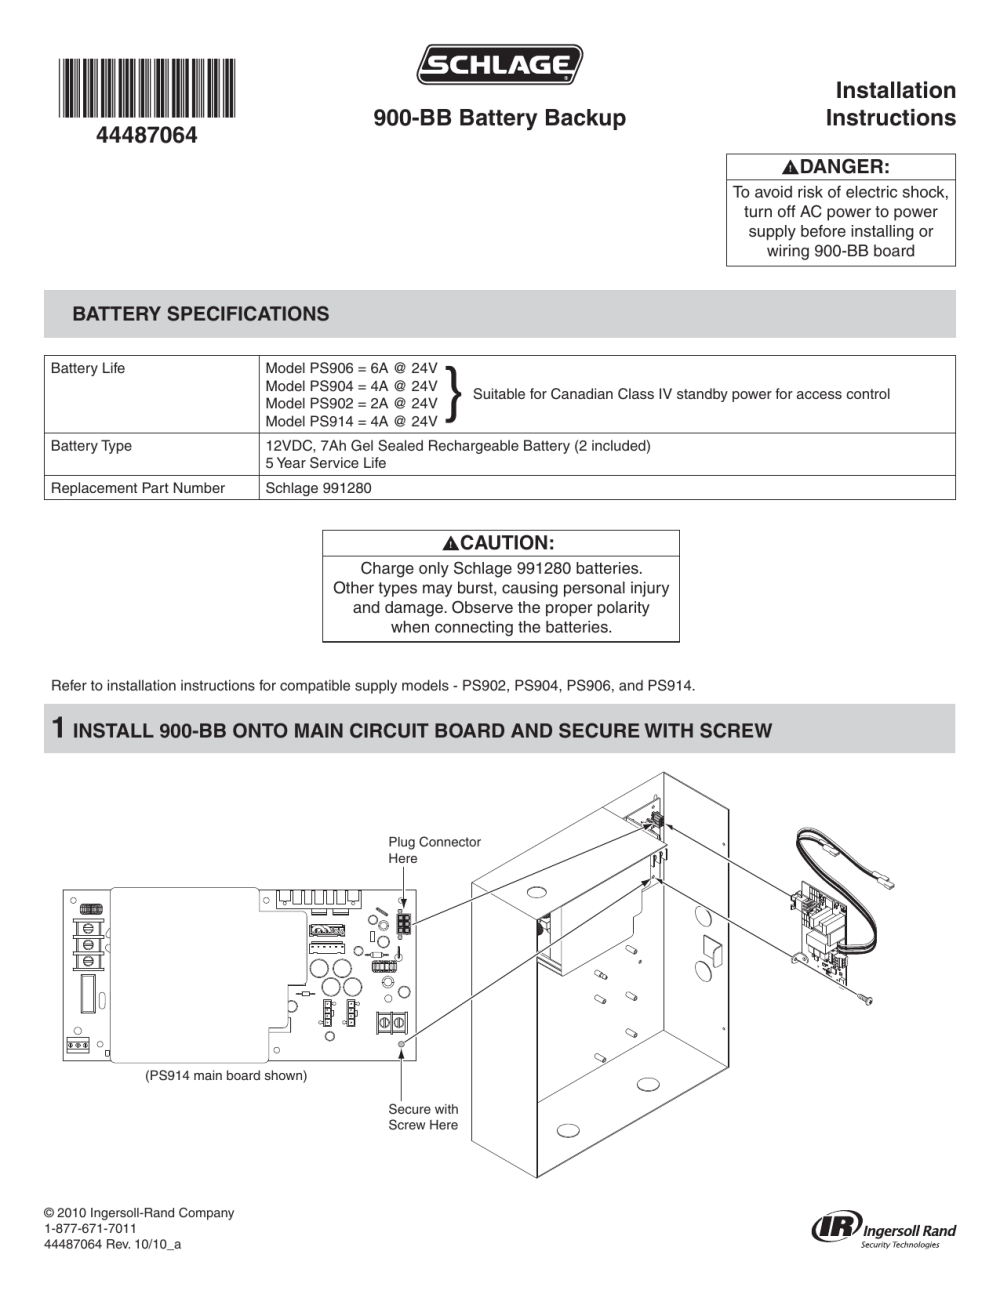 medium resolution of installation instructions 900